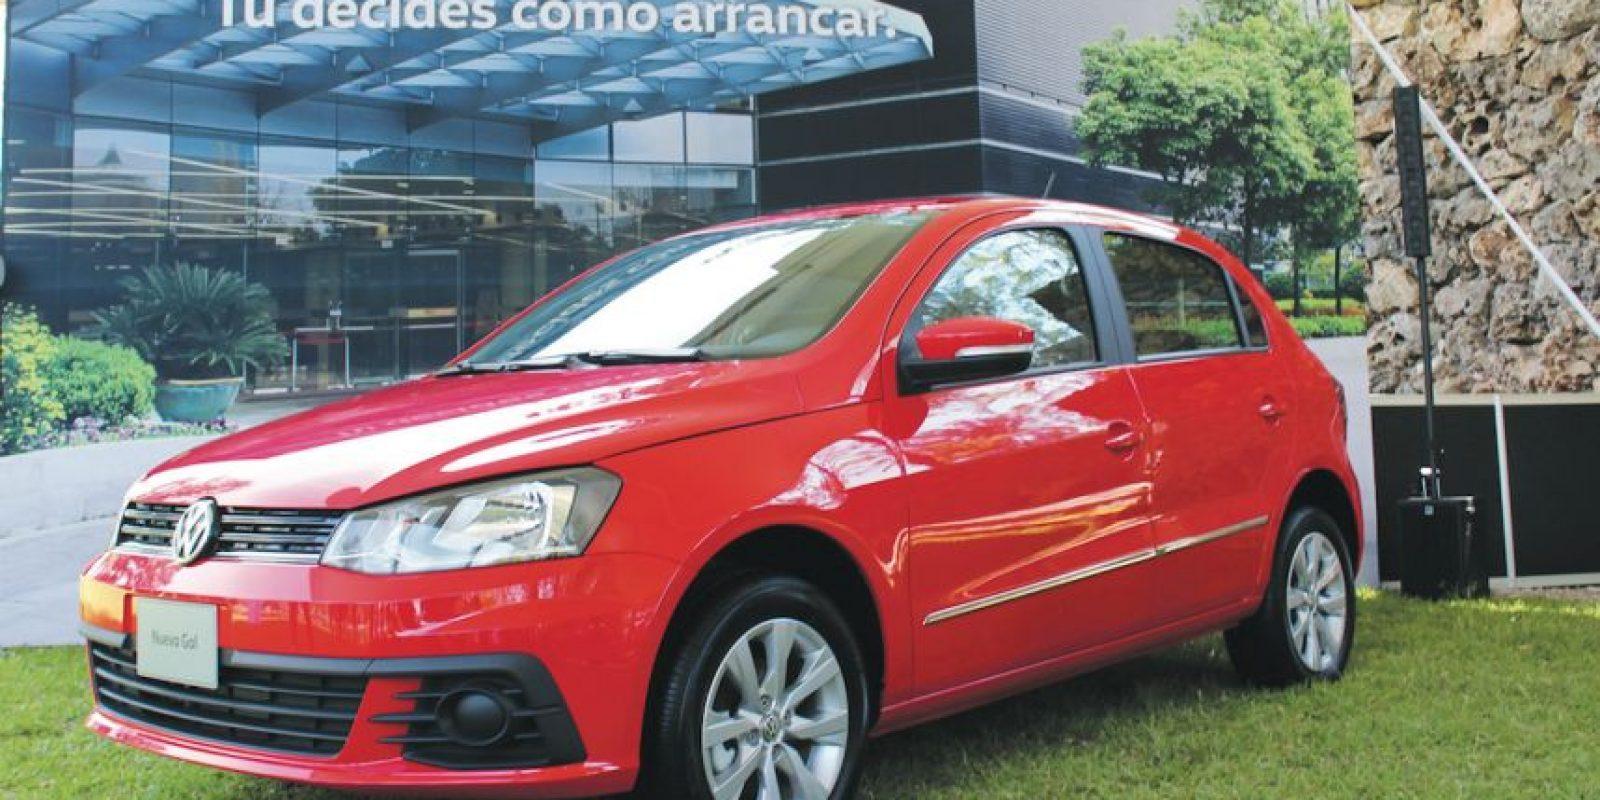 Con un look muy dinámico fue presentada la nueva cara de este campeón de ventas de Volkswagen Foto:Mario Cañas